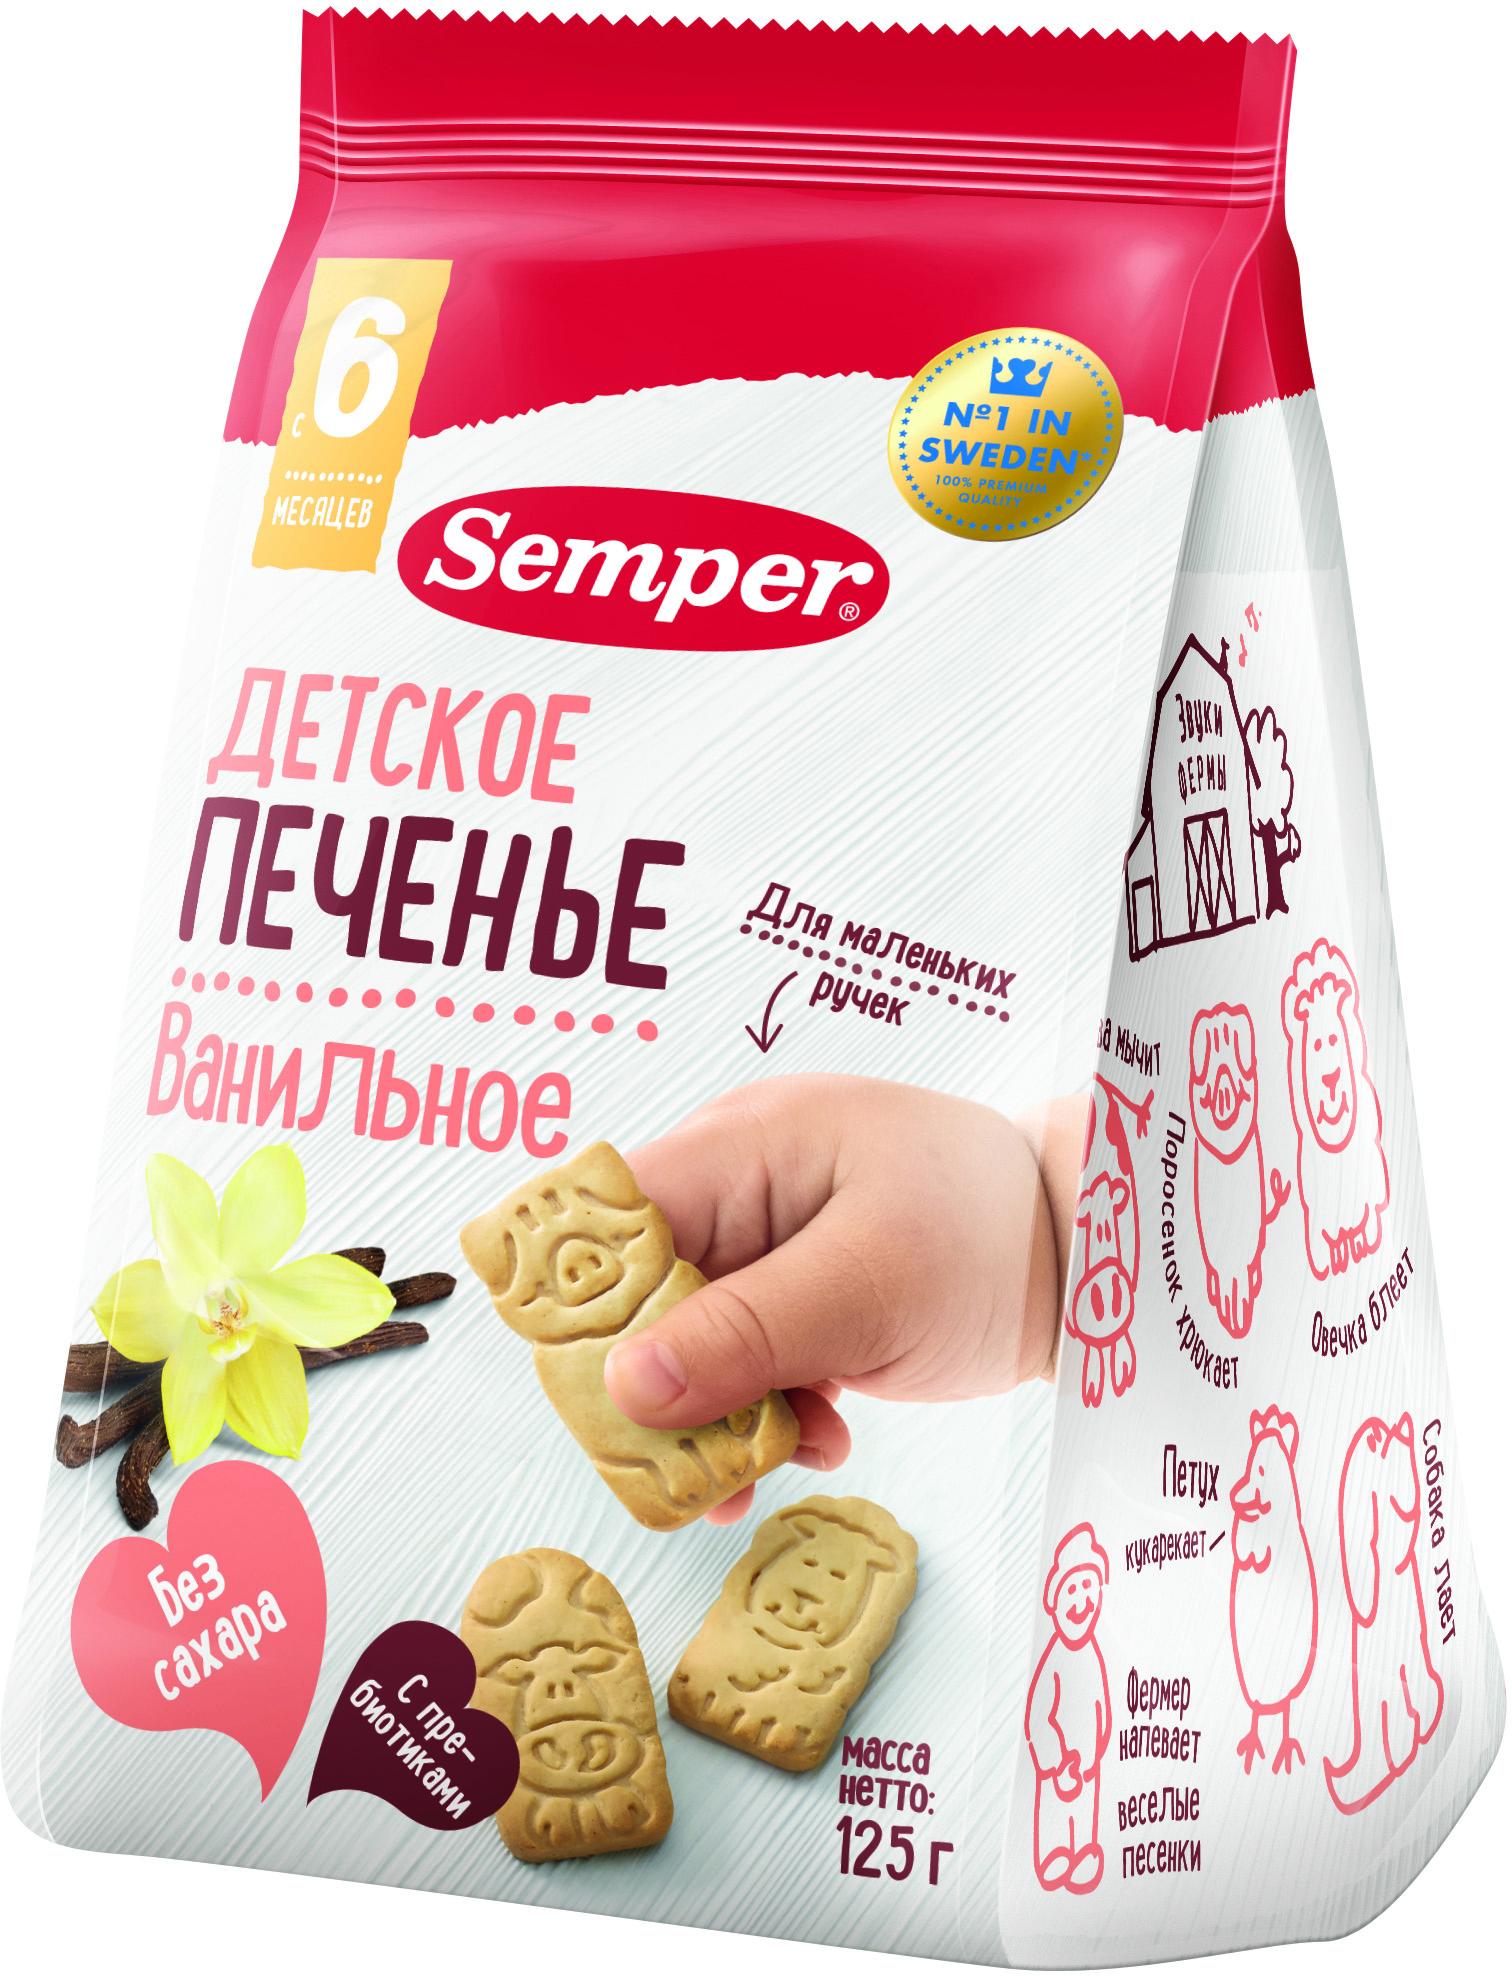 Печенье и сушки Semper Печенье детское БИО Семпер Ванильное NaturBalance, 125 г ростагроэкспорт желе ананас 125 г